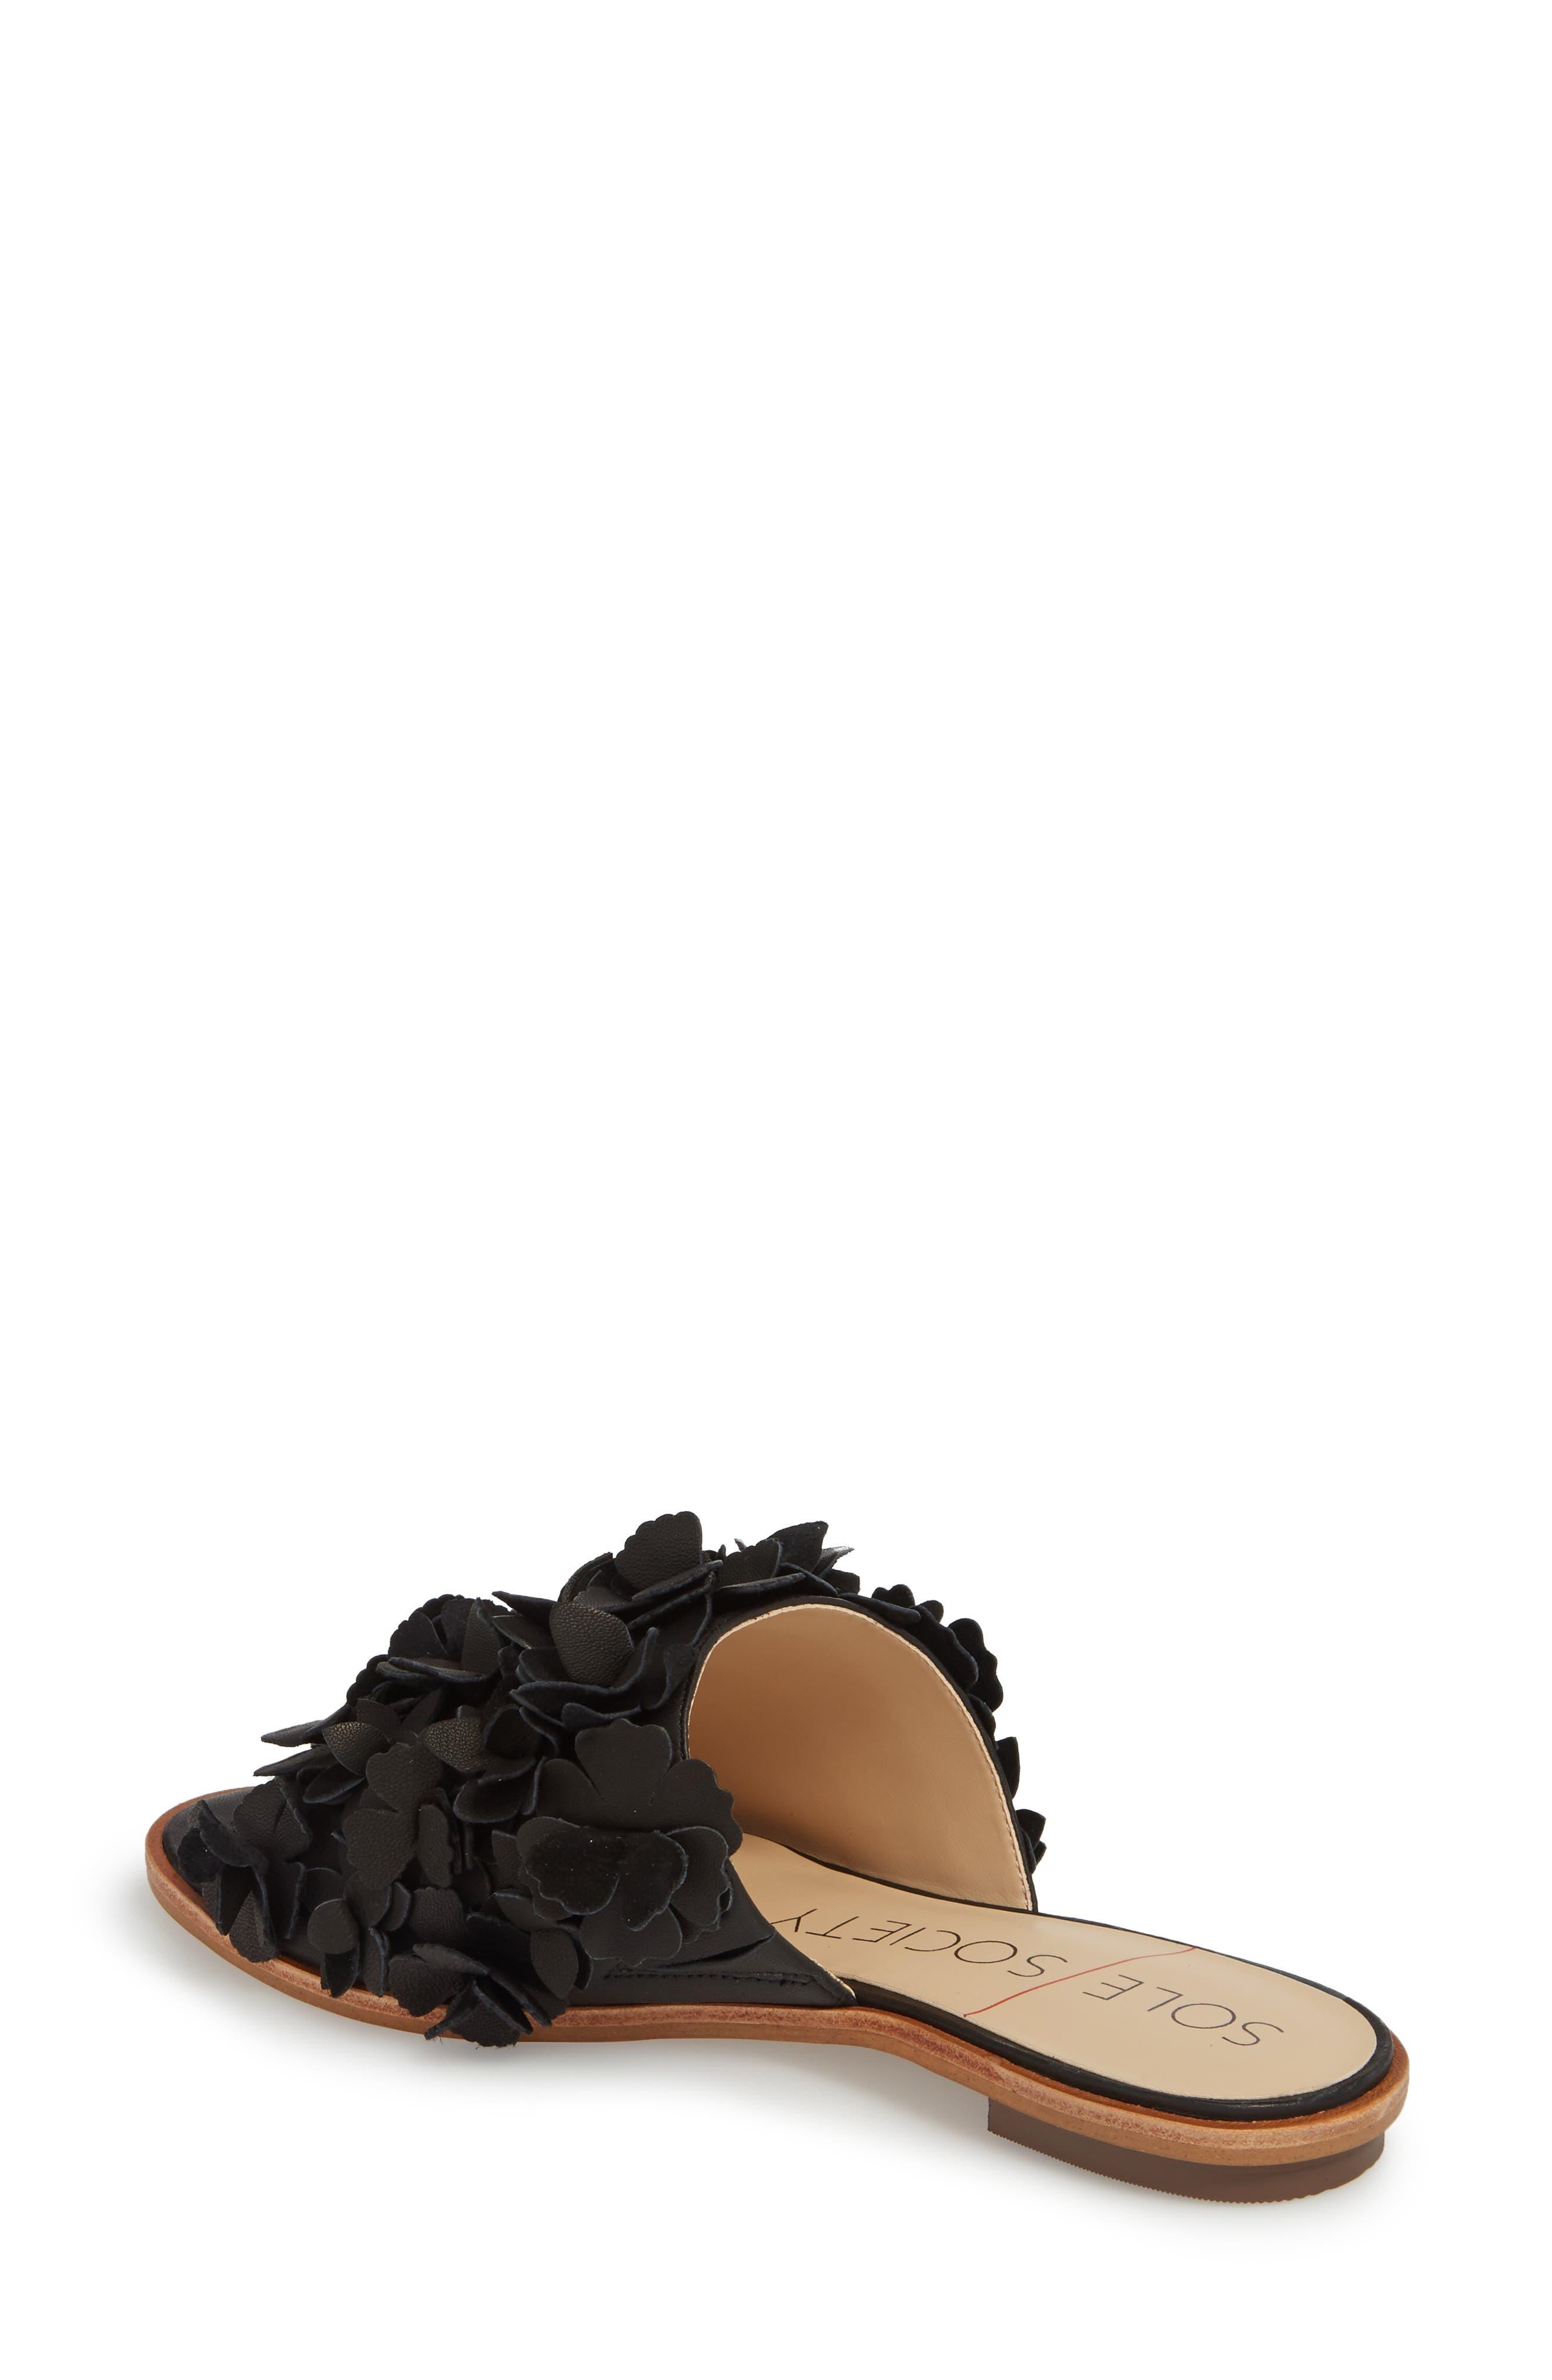 Caelyn Embellished Flat Sandal,                             Alternate thumbnail 2, color,                             BLACK